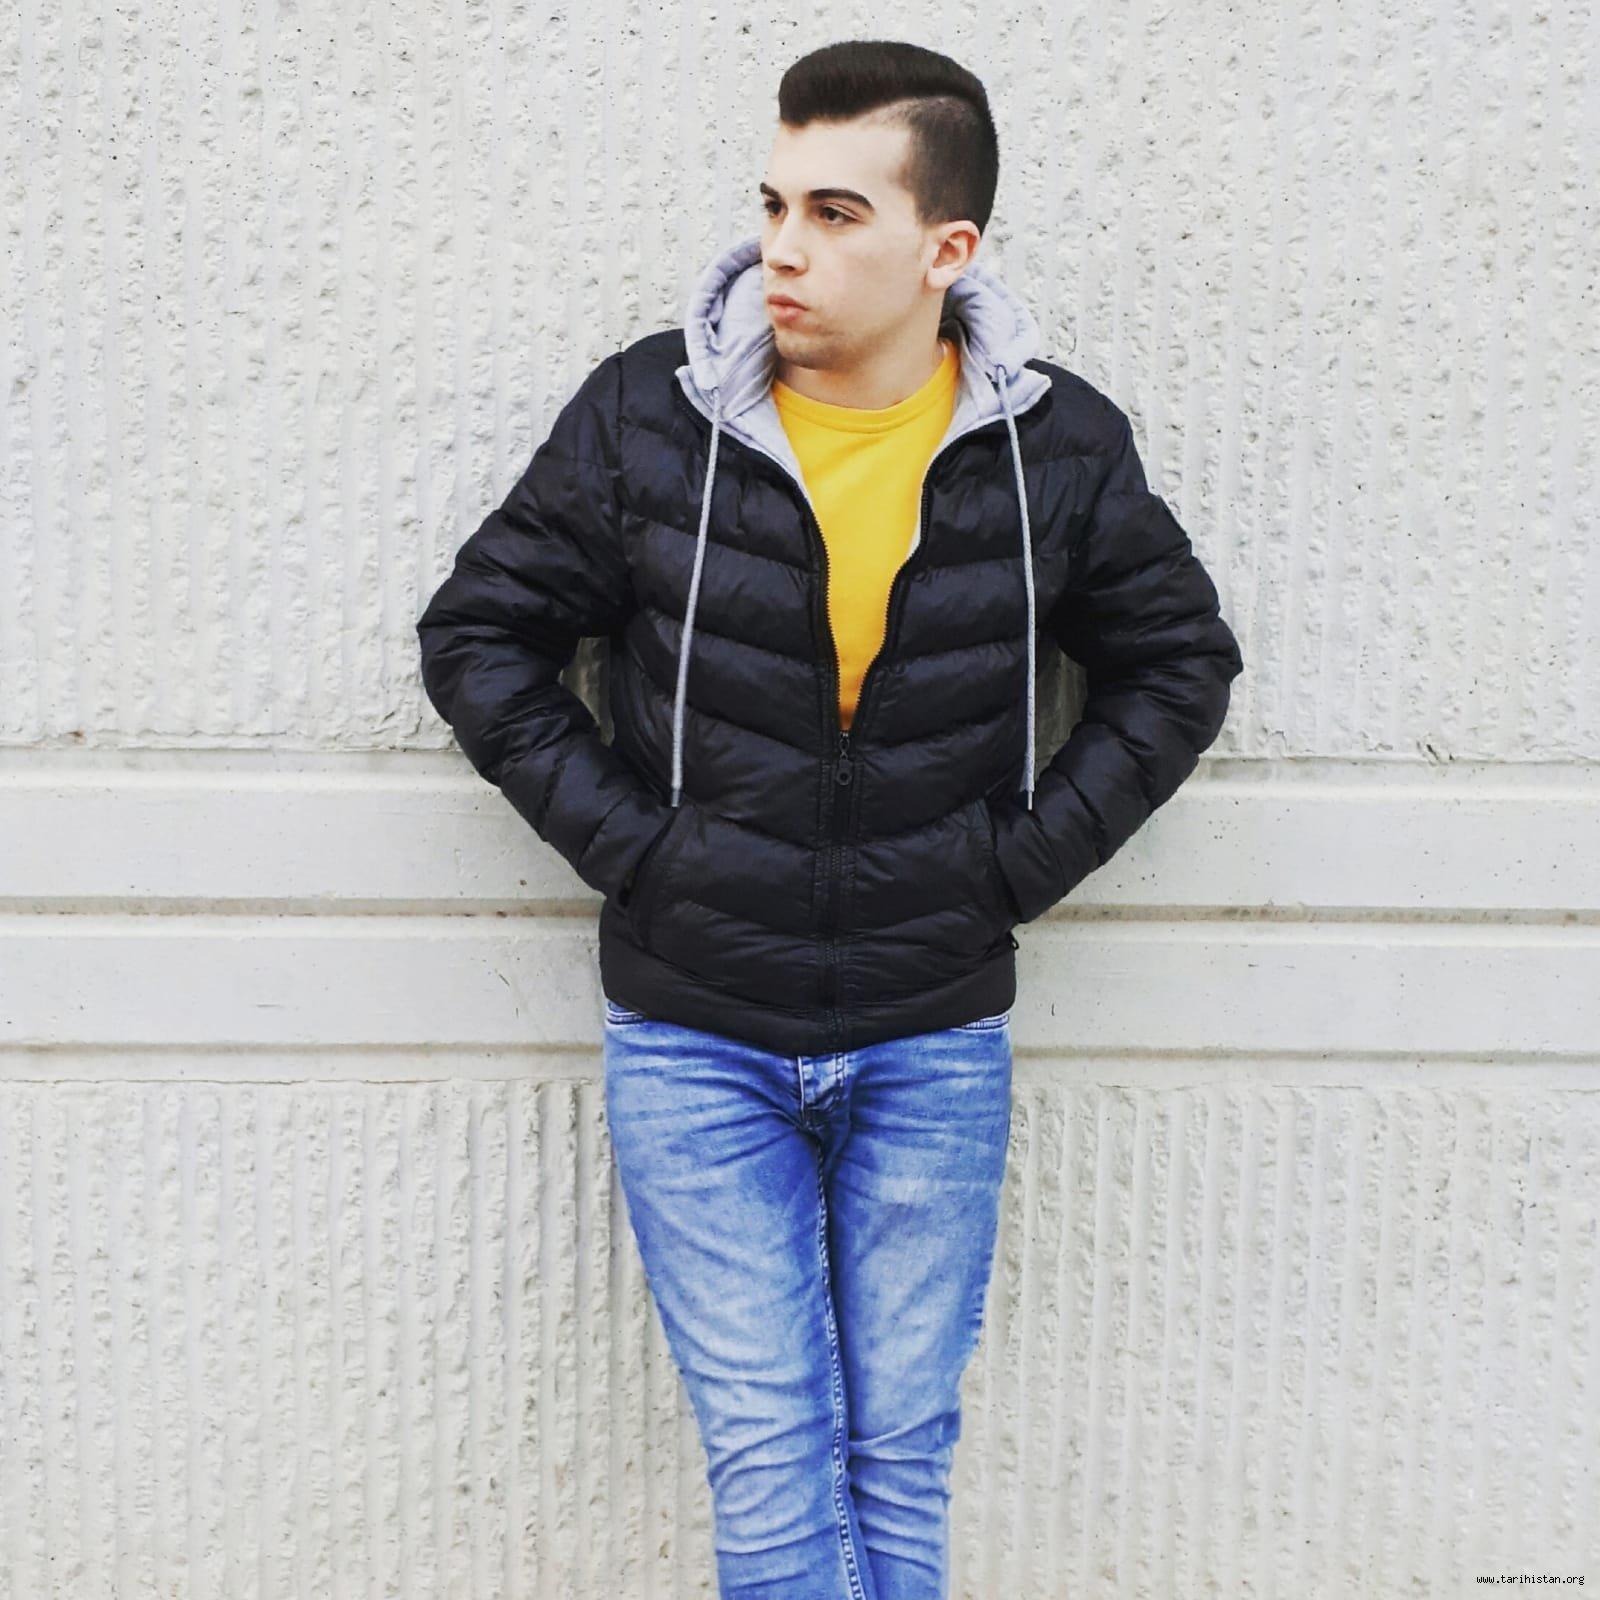 """Manisalı Genç Şairlerden Mert ÖZTAŞ'ın """"Deli Gönül"""" adlı yeni şiiri"""